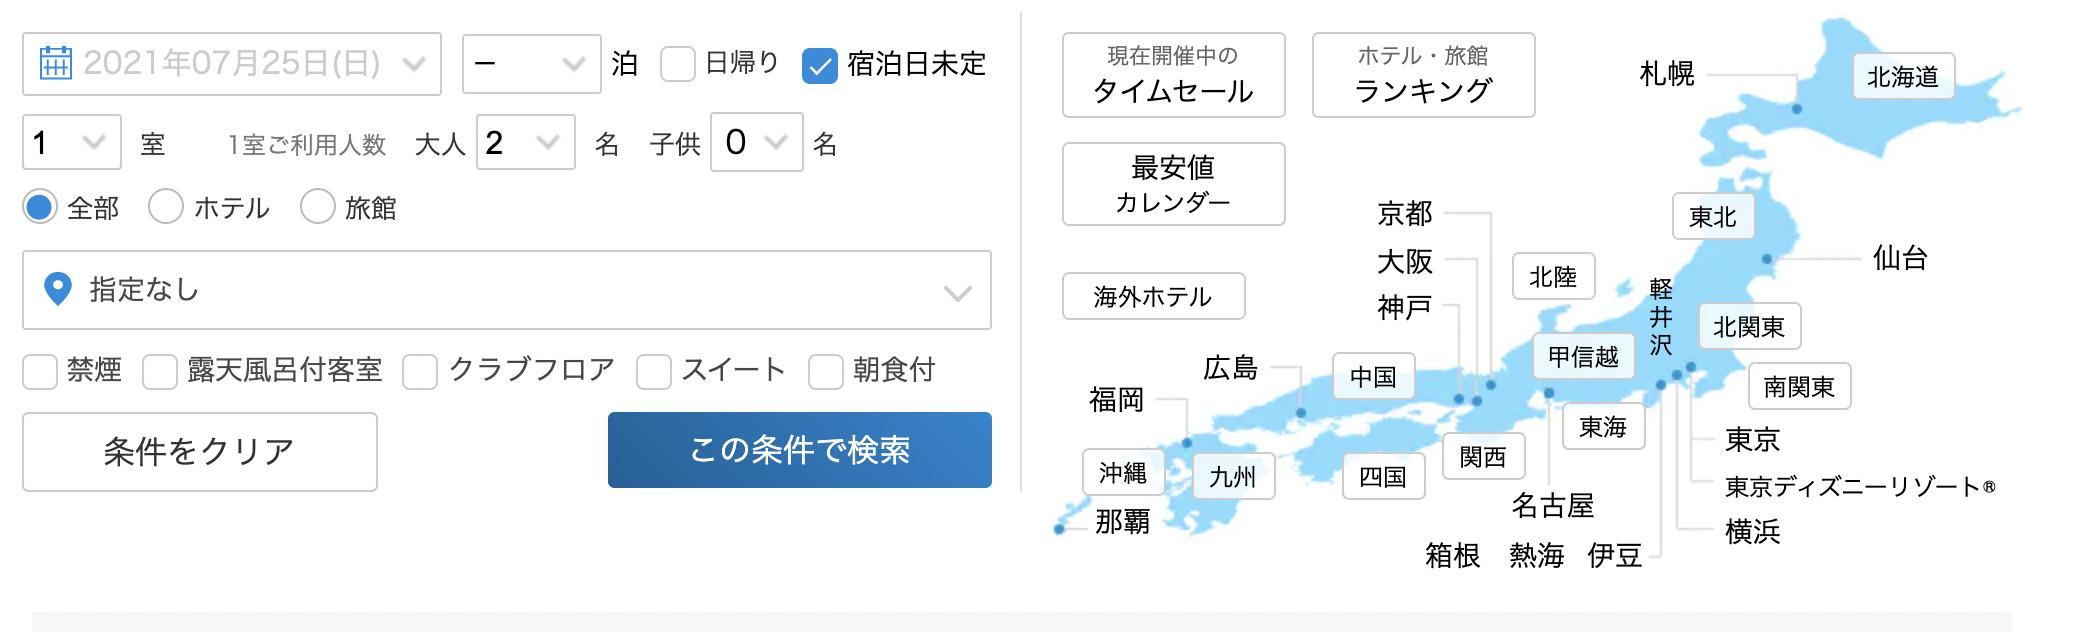 一休.com ホテル